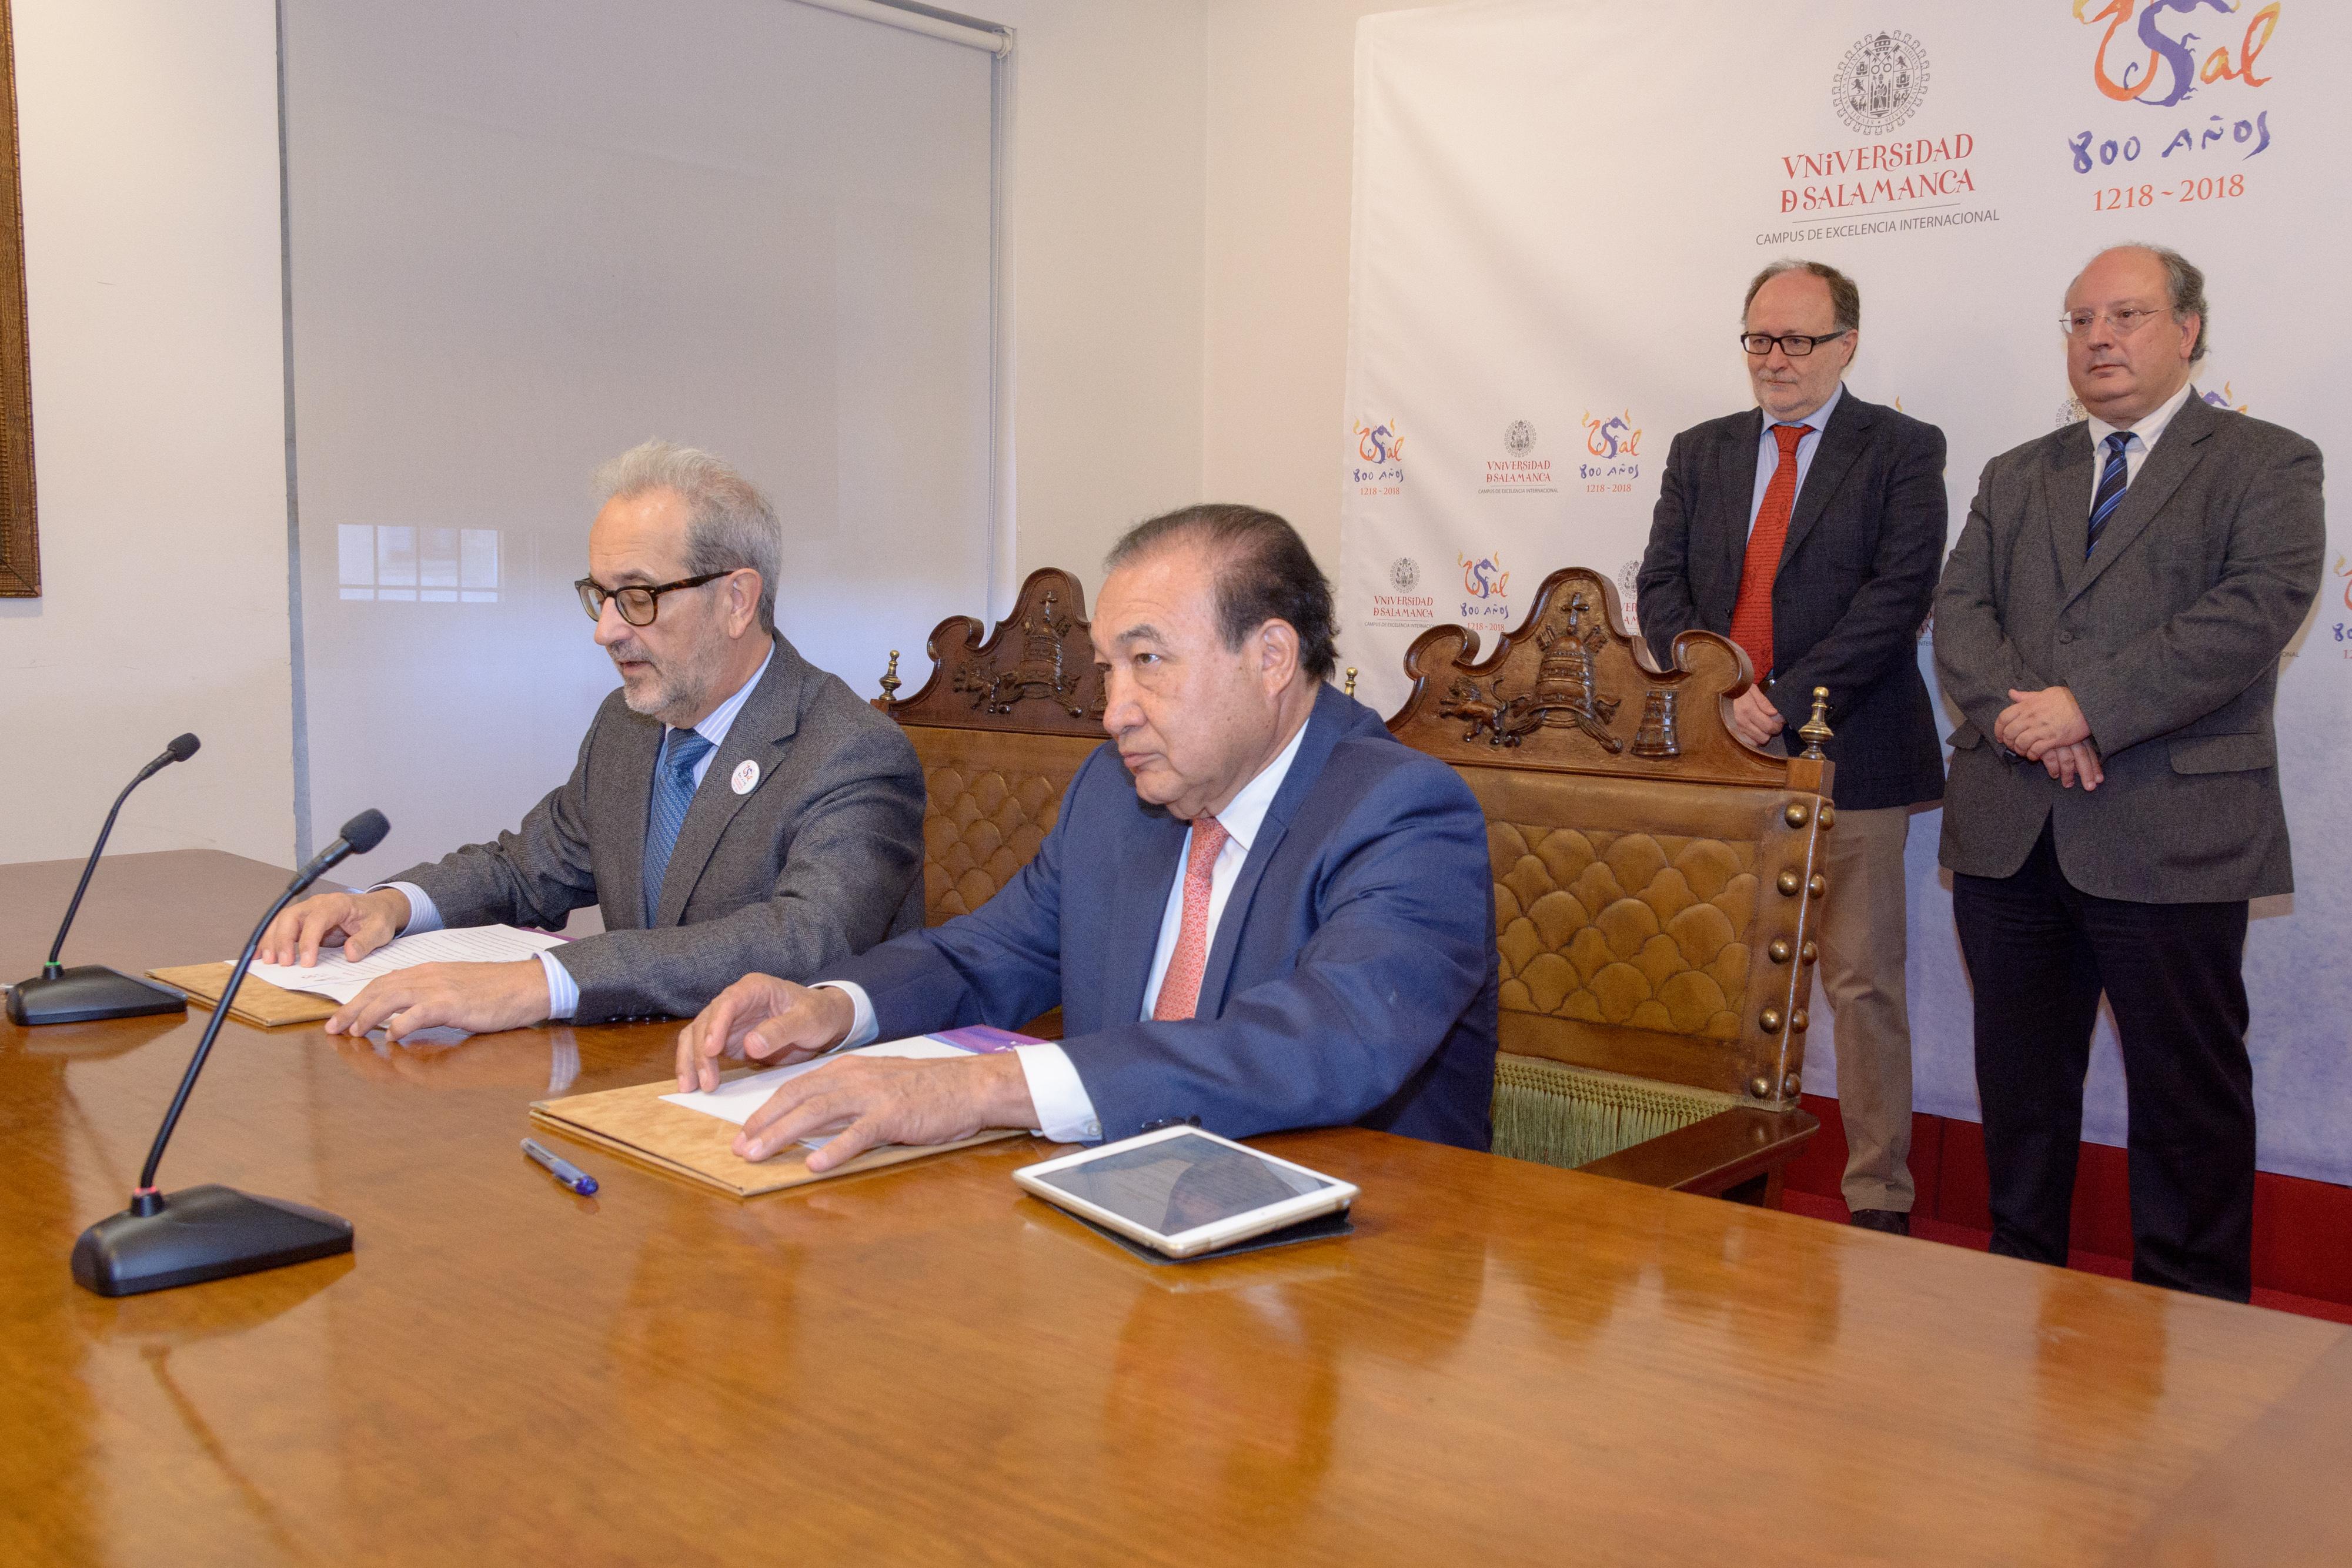 Presentación acuerdo Universidad de Salamanca-Notimex